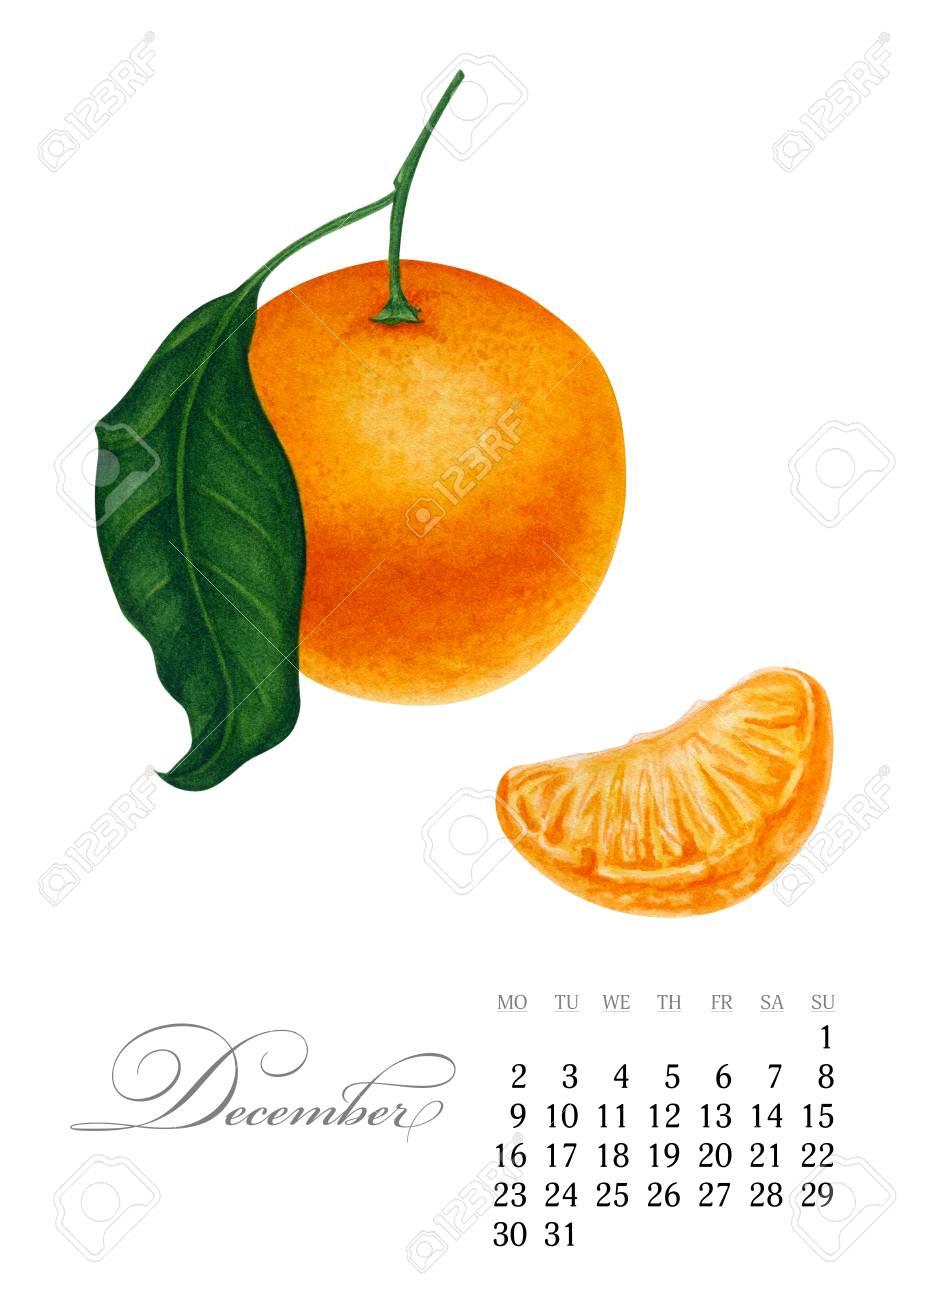 Elegant Printable Calendar 2019 December Watercolor Mandarin